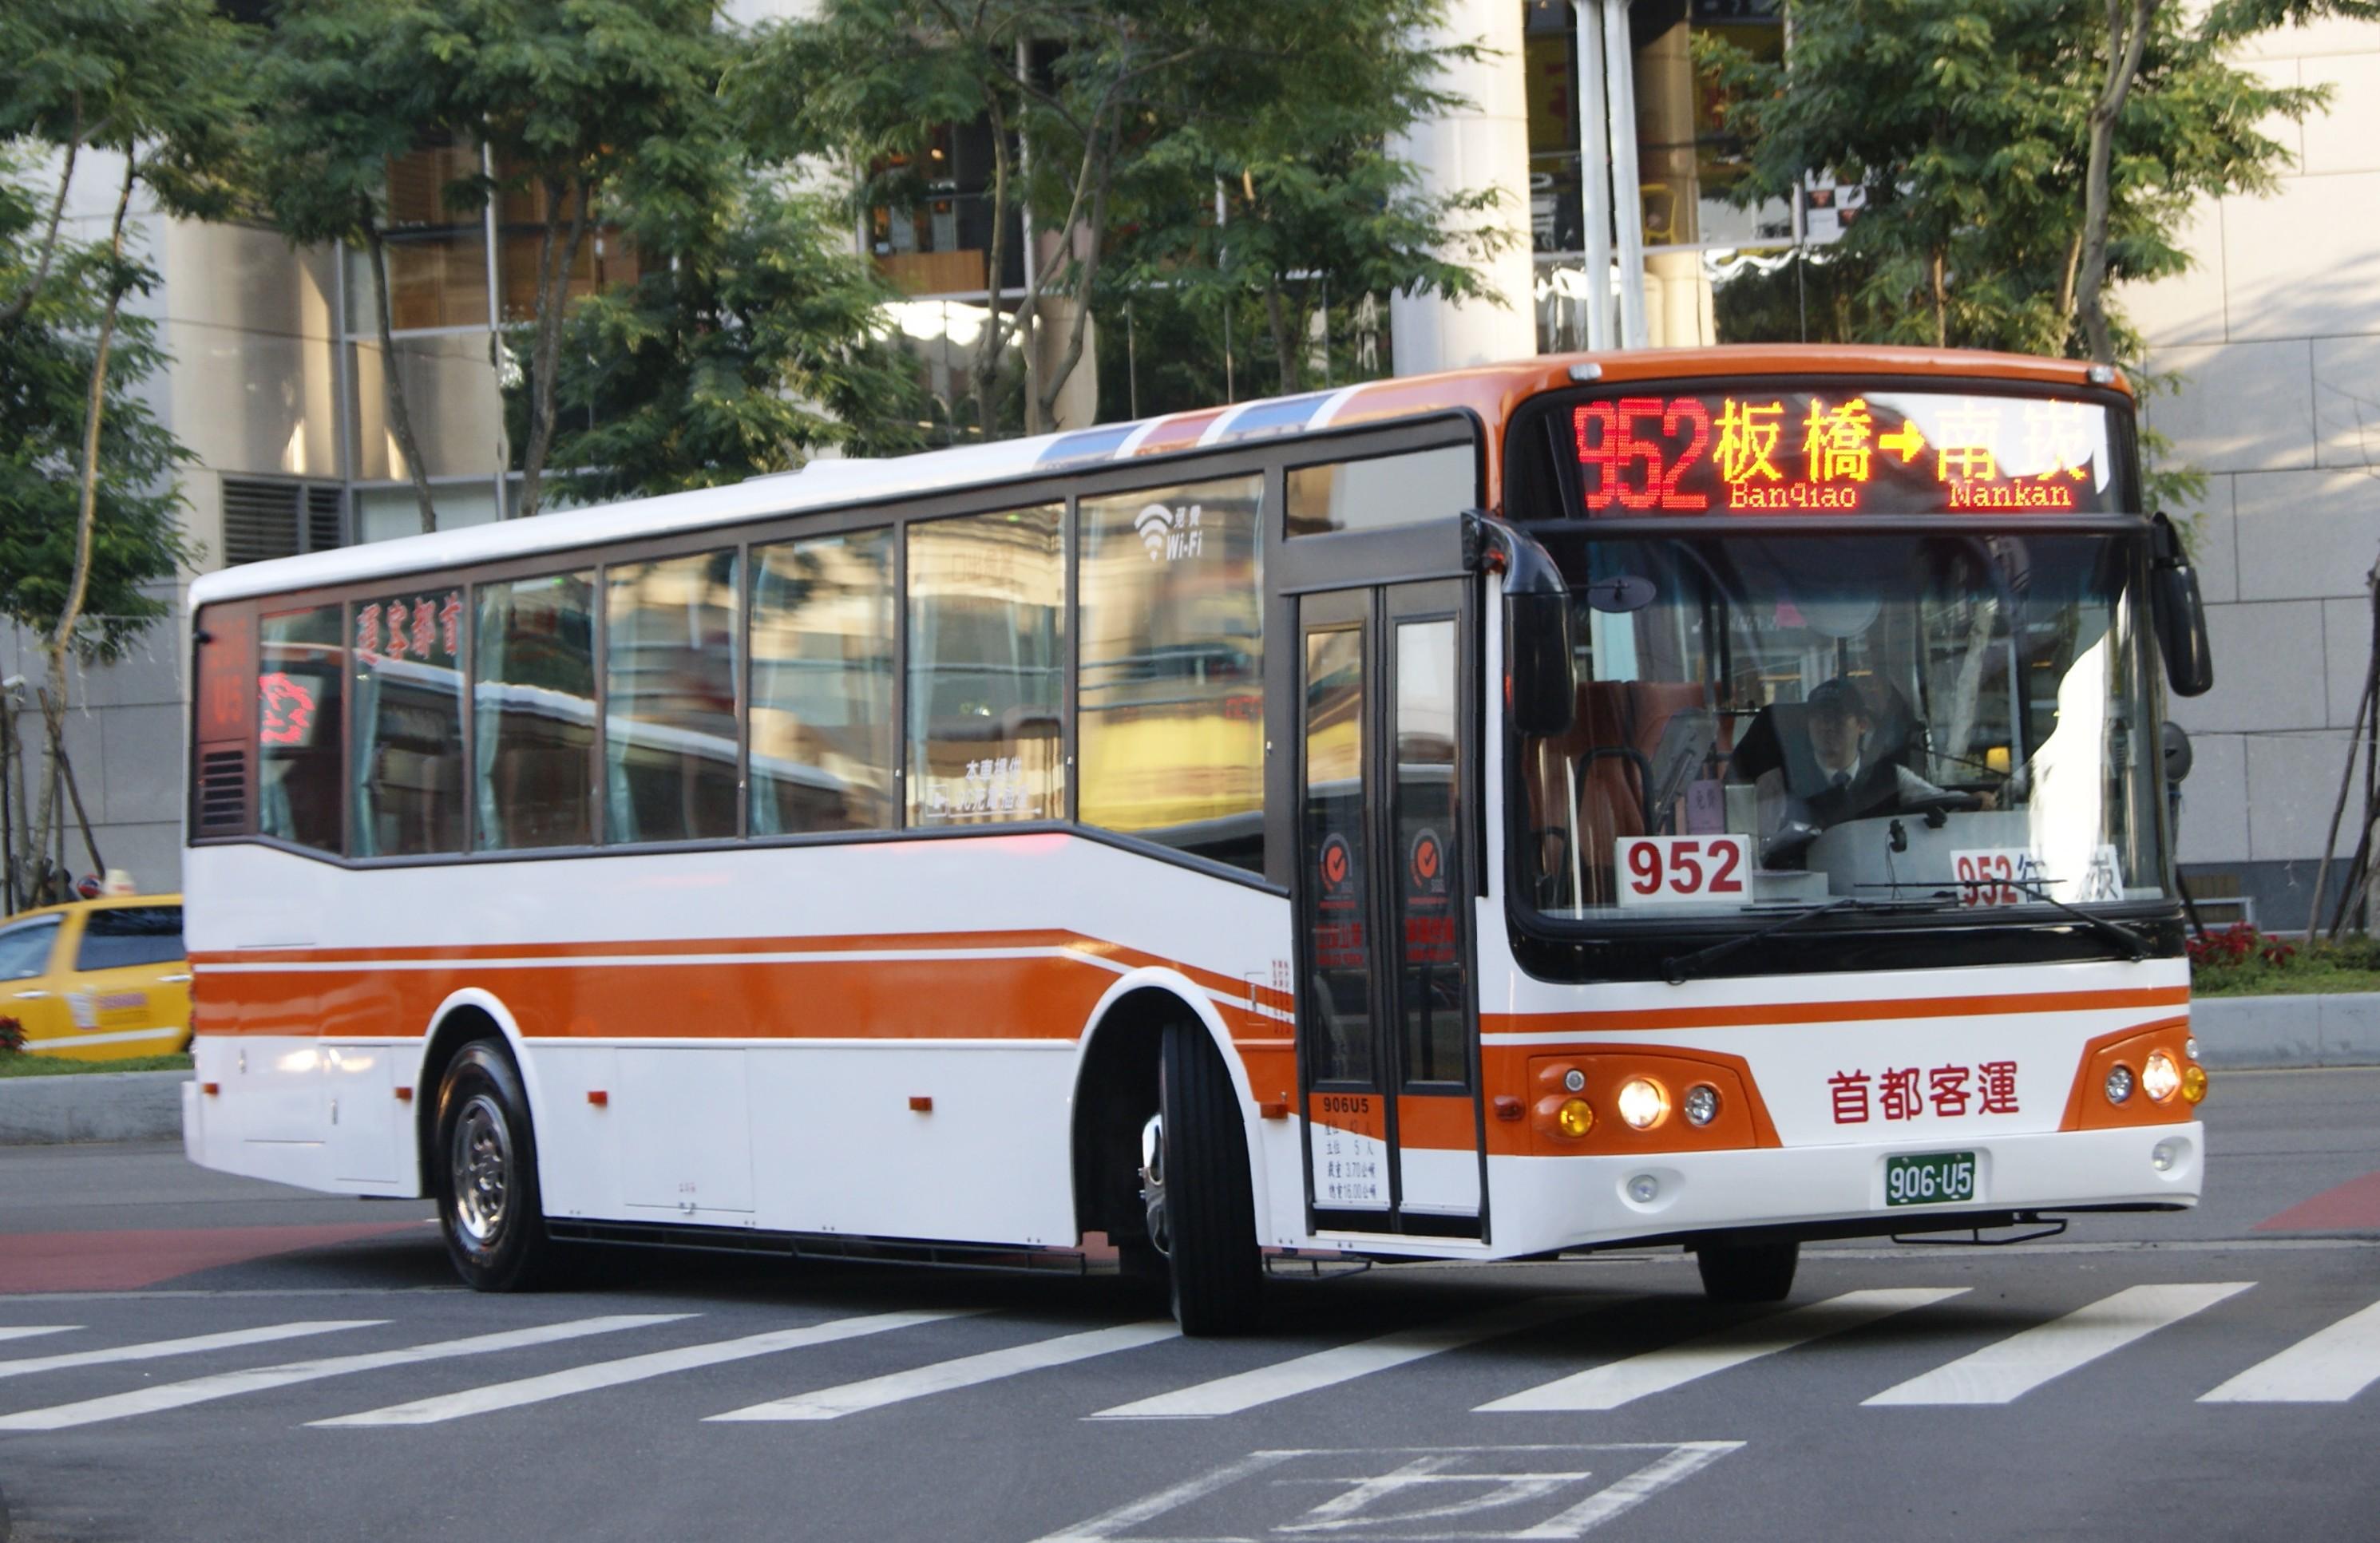 Imágenes numeradas - Página 20 Capital_Bus_906-U5_20141229